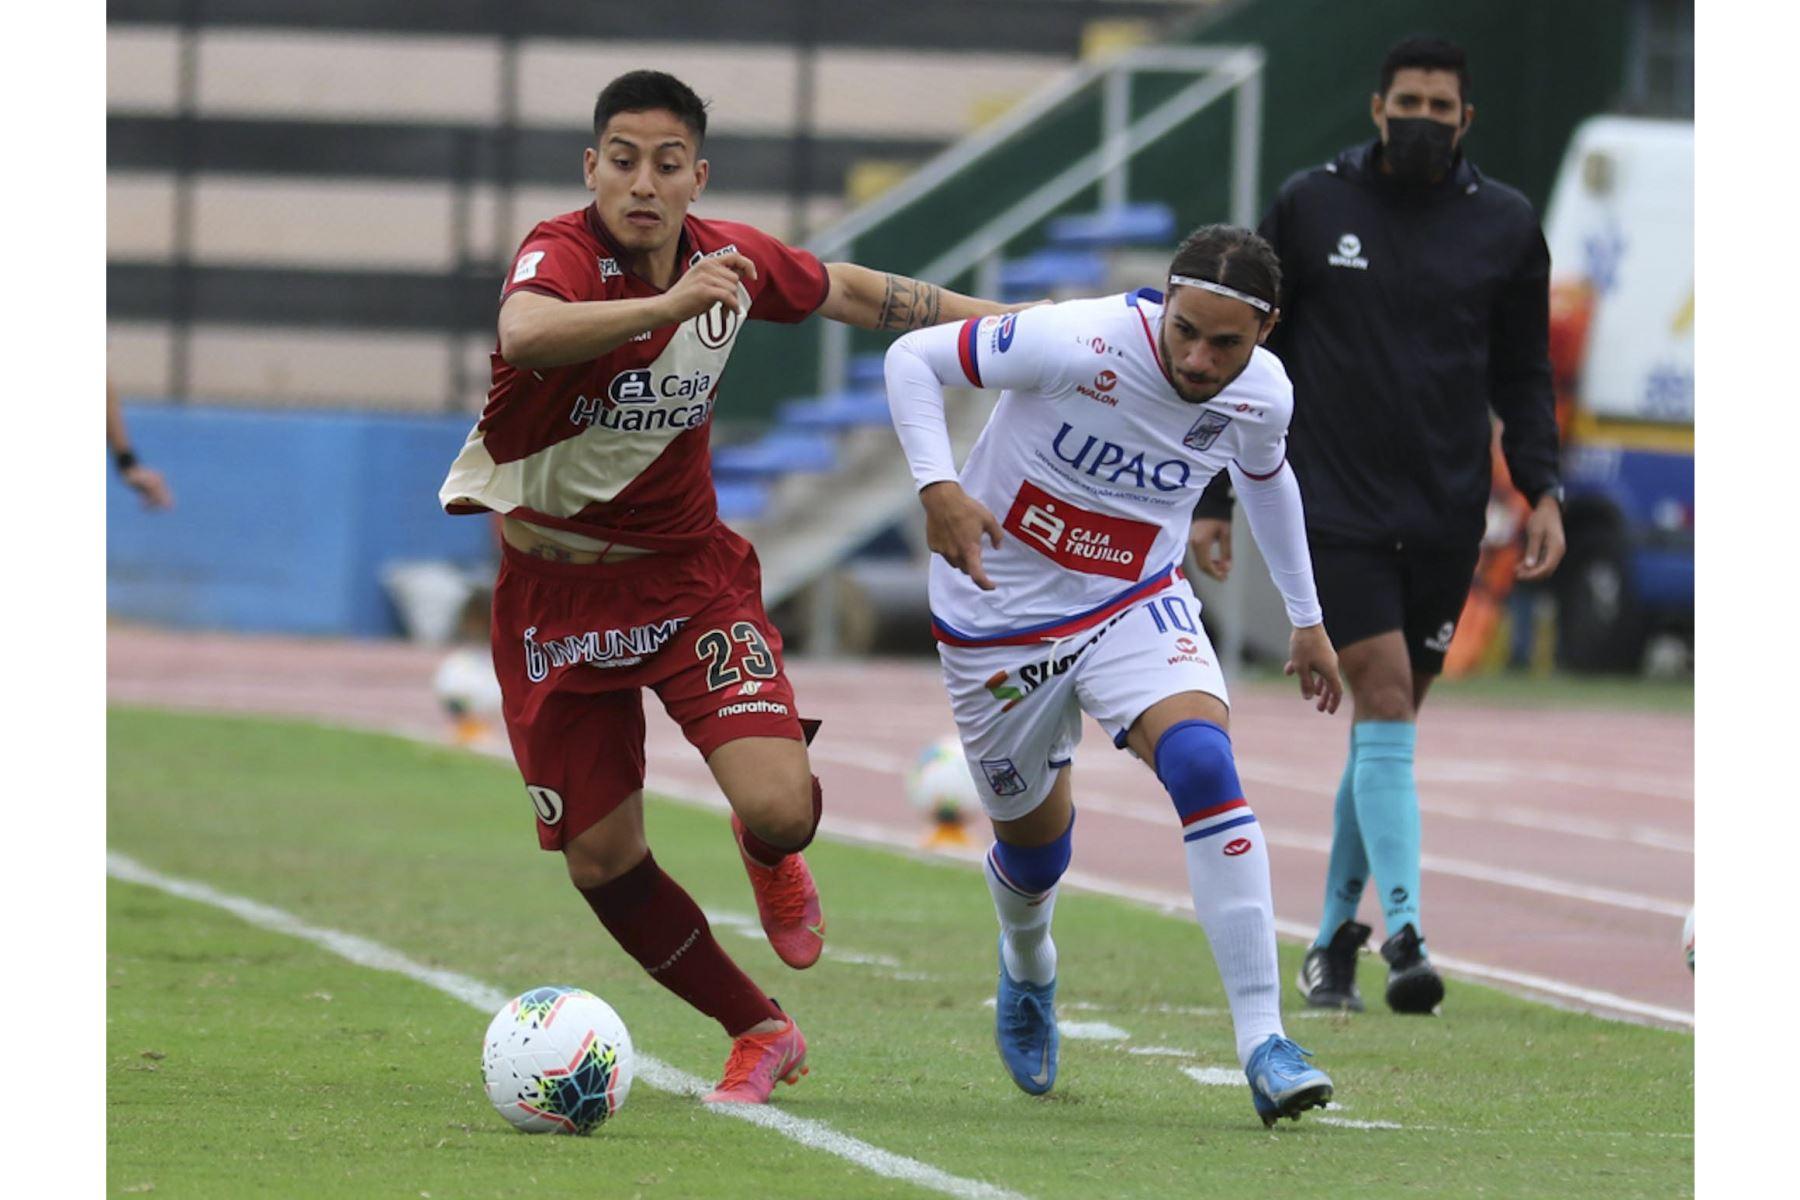 J. Murrugarra de Universitario disputa el balón ante la marca de F. Rodríguez de Carlos Manucci durante partido por la tercera fecha de la Liga 1, en el Estadio Miguel Grau. Foto: Liga 1